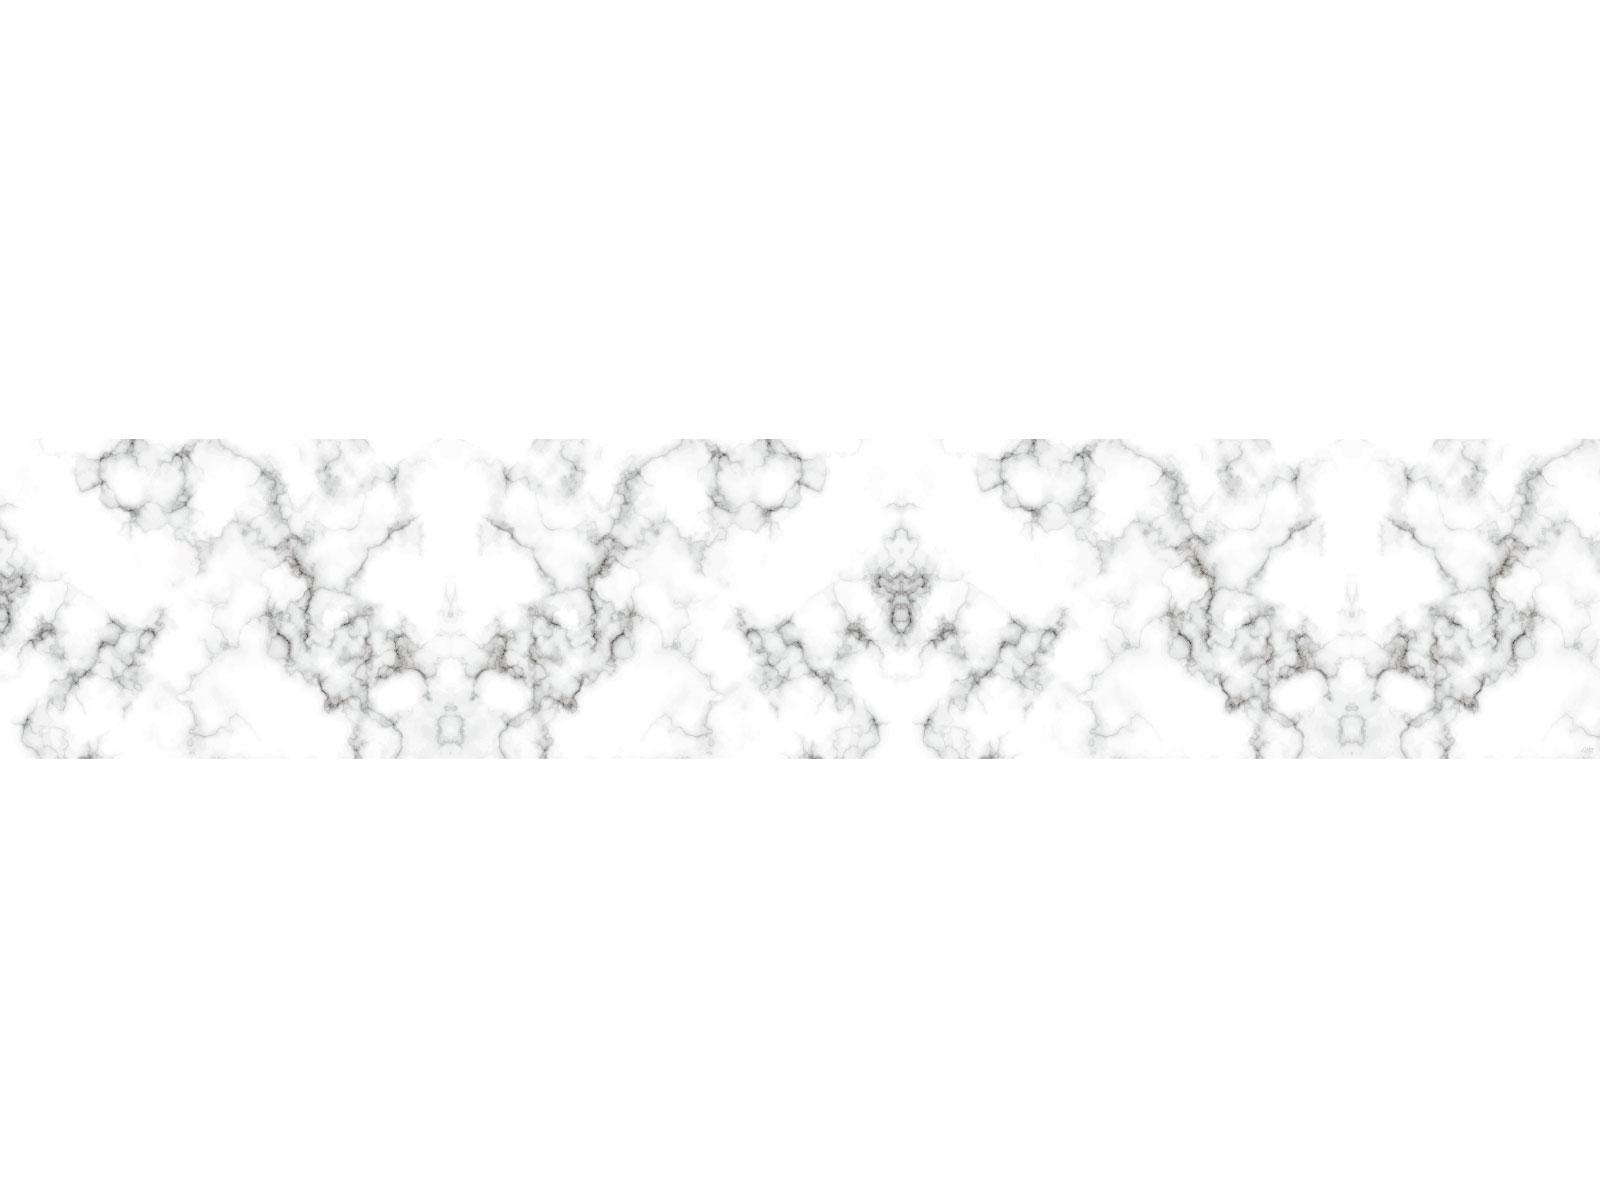 Credence Cuisine Marbre Blanc crédence adhésive marbre blanc